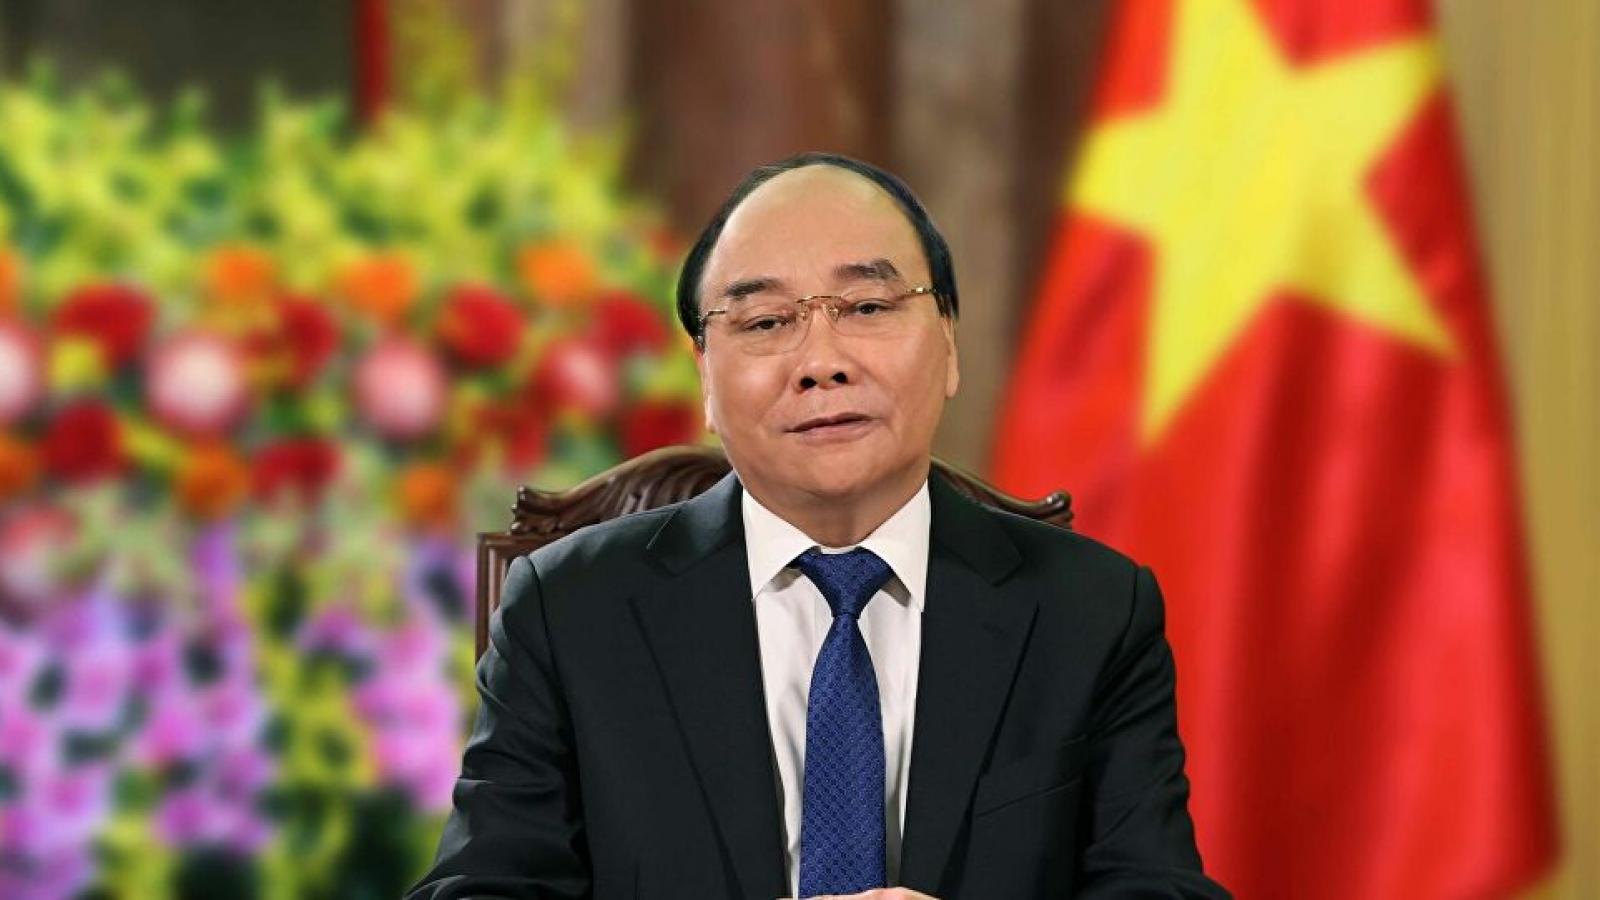 Chủ tịch nước sẽ tham dự cuộc họp không chính thức các nhà lãnh đạo APEC